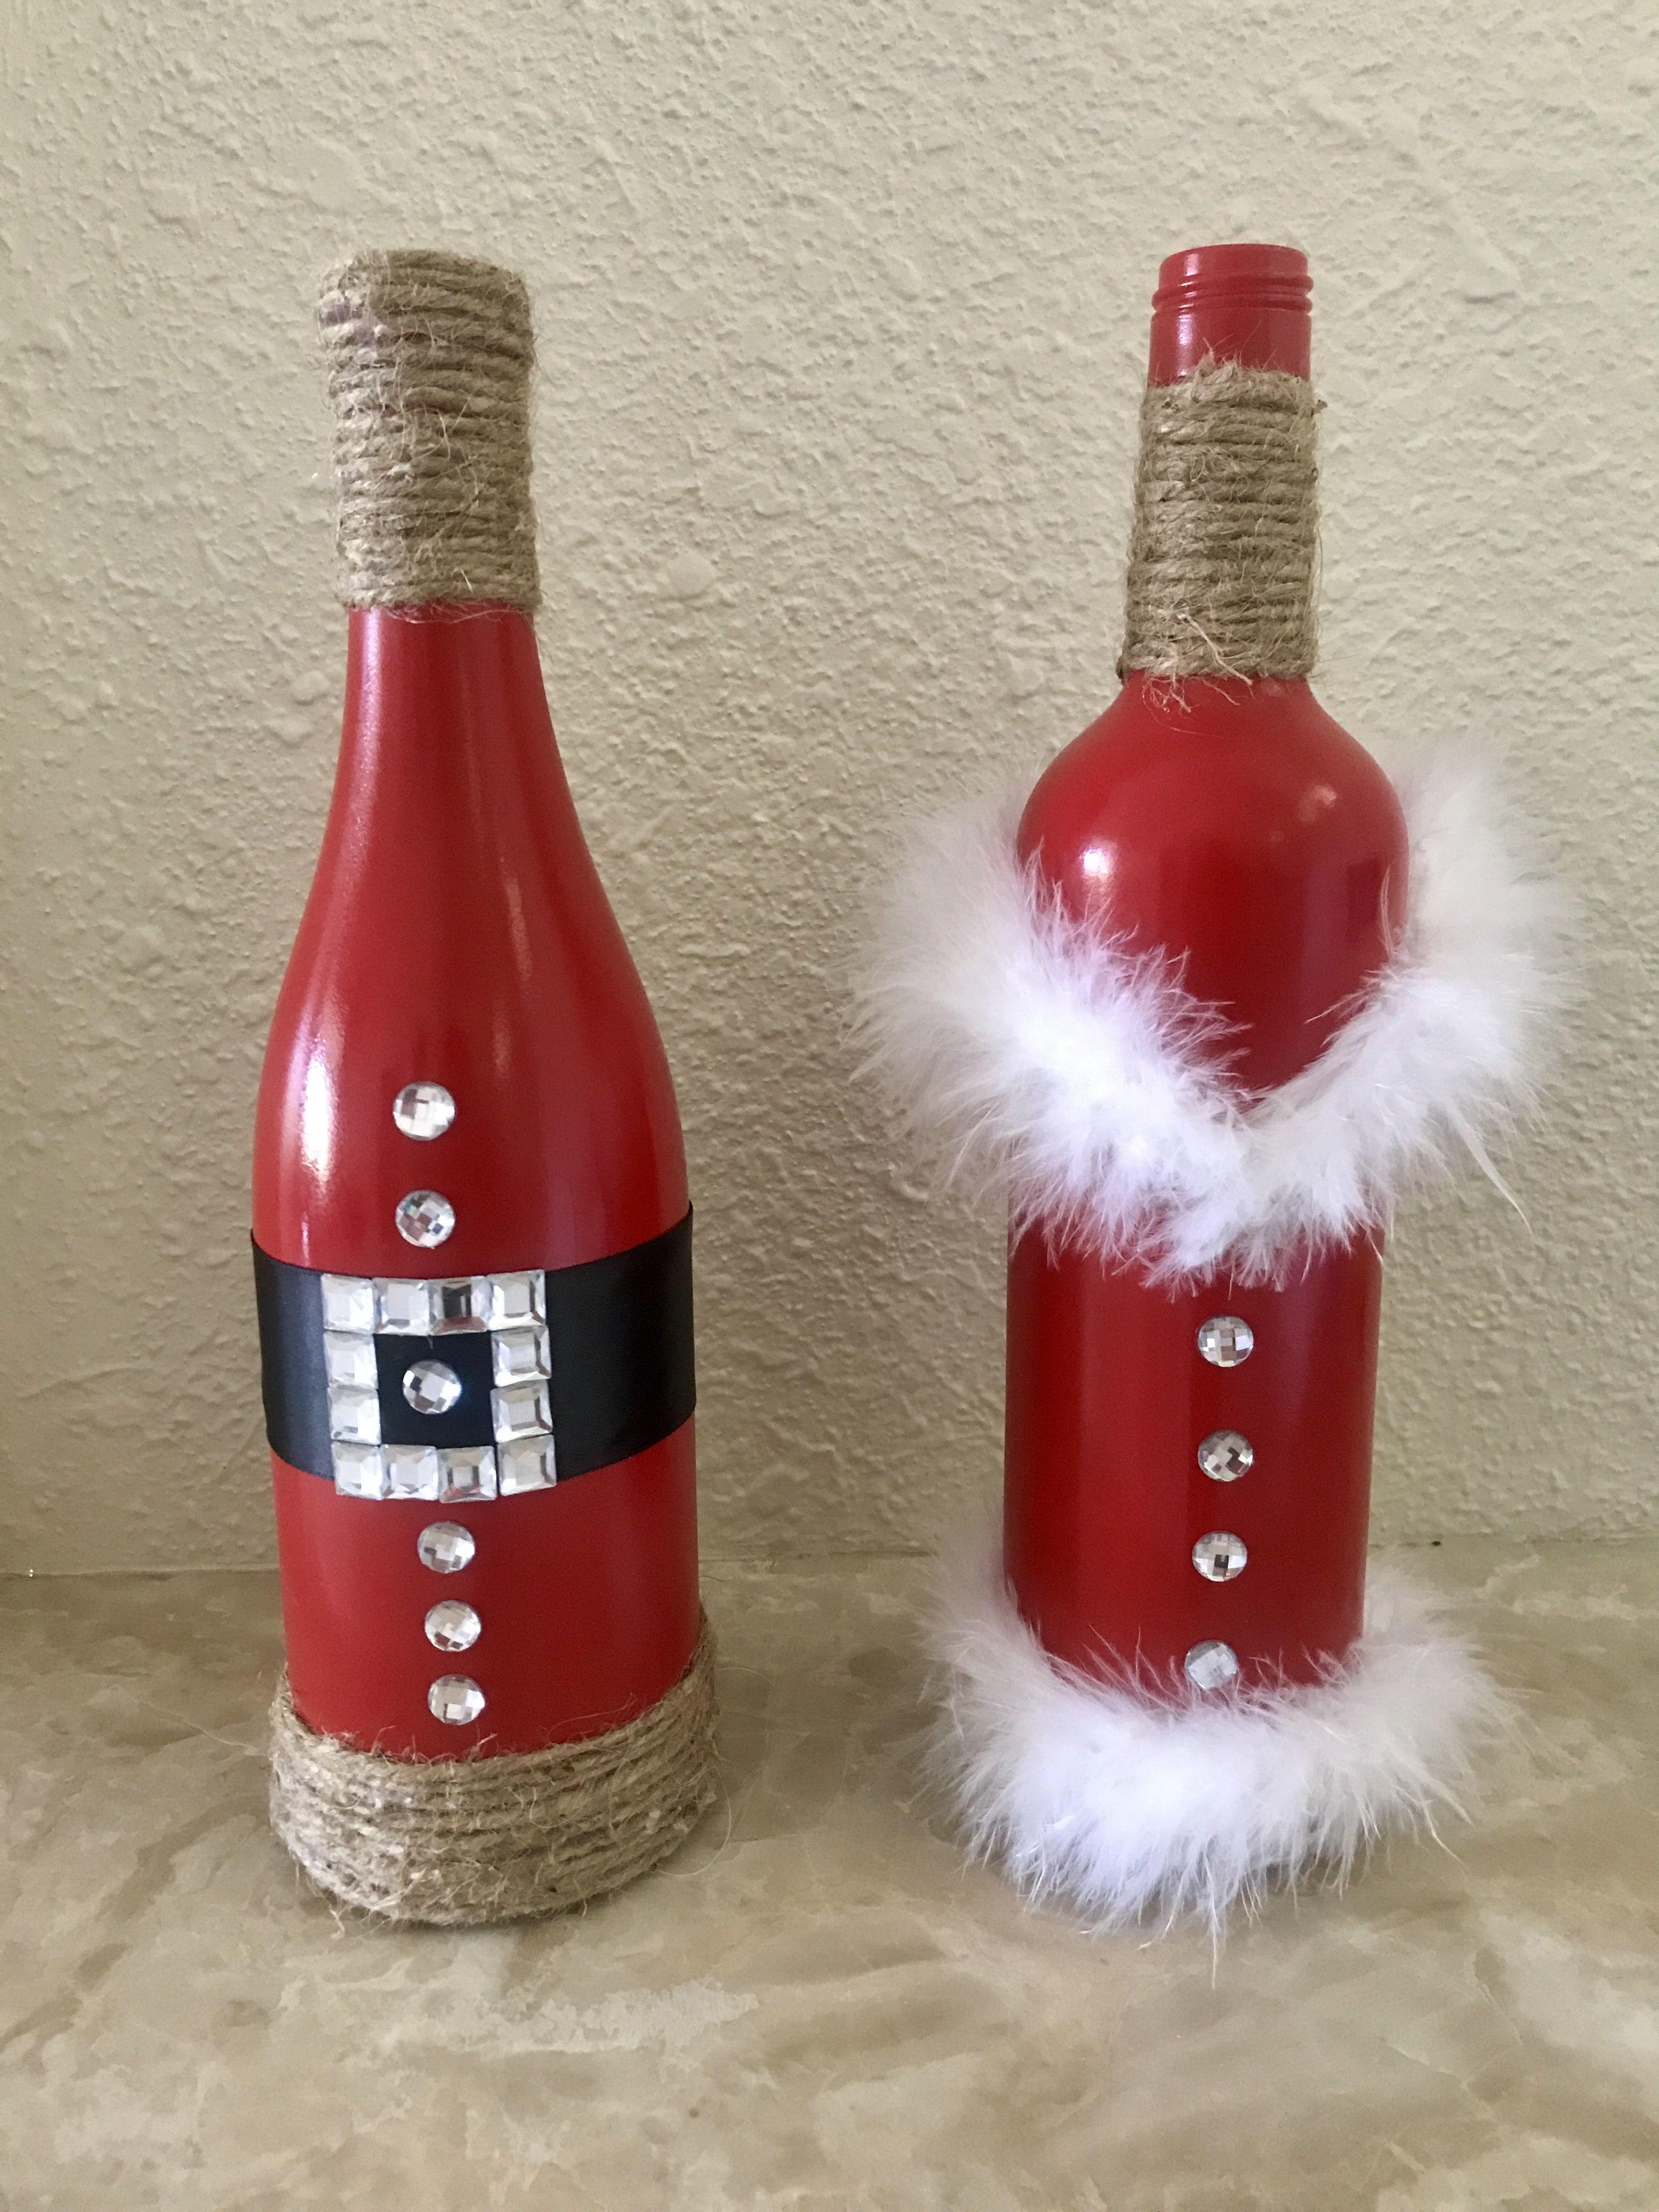 Santa Mrs Claus Wine Bottles Adornos Navidenos Con Botellas Botellas De Vino De Navidad Decoracion De Botellas Navidenas